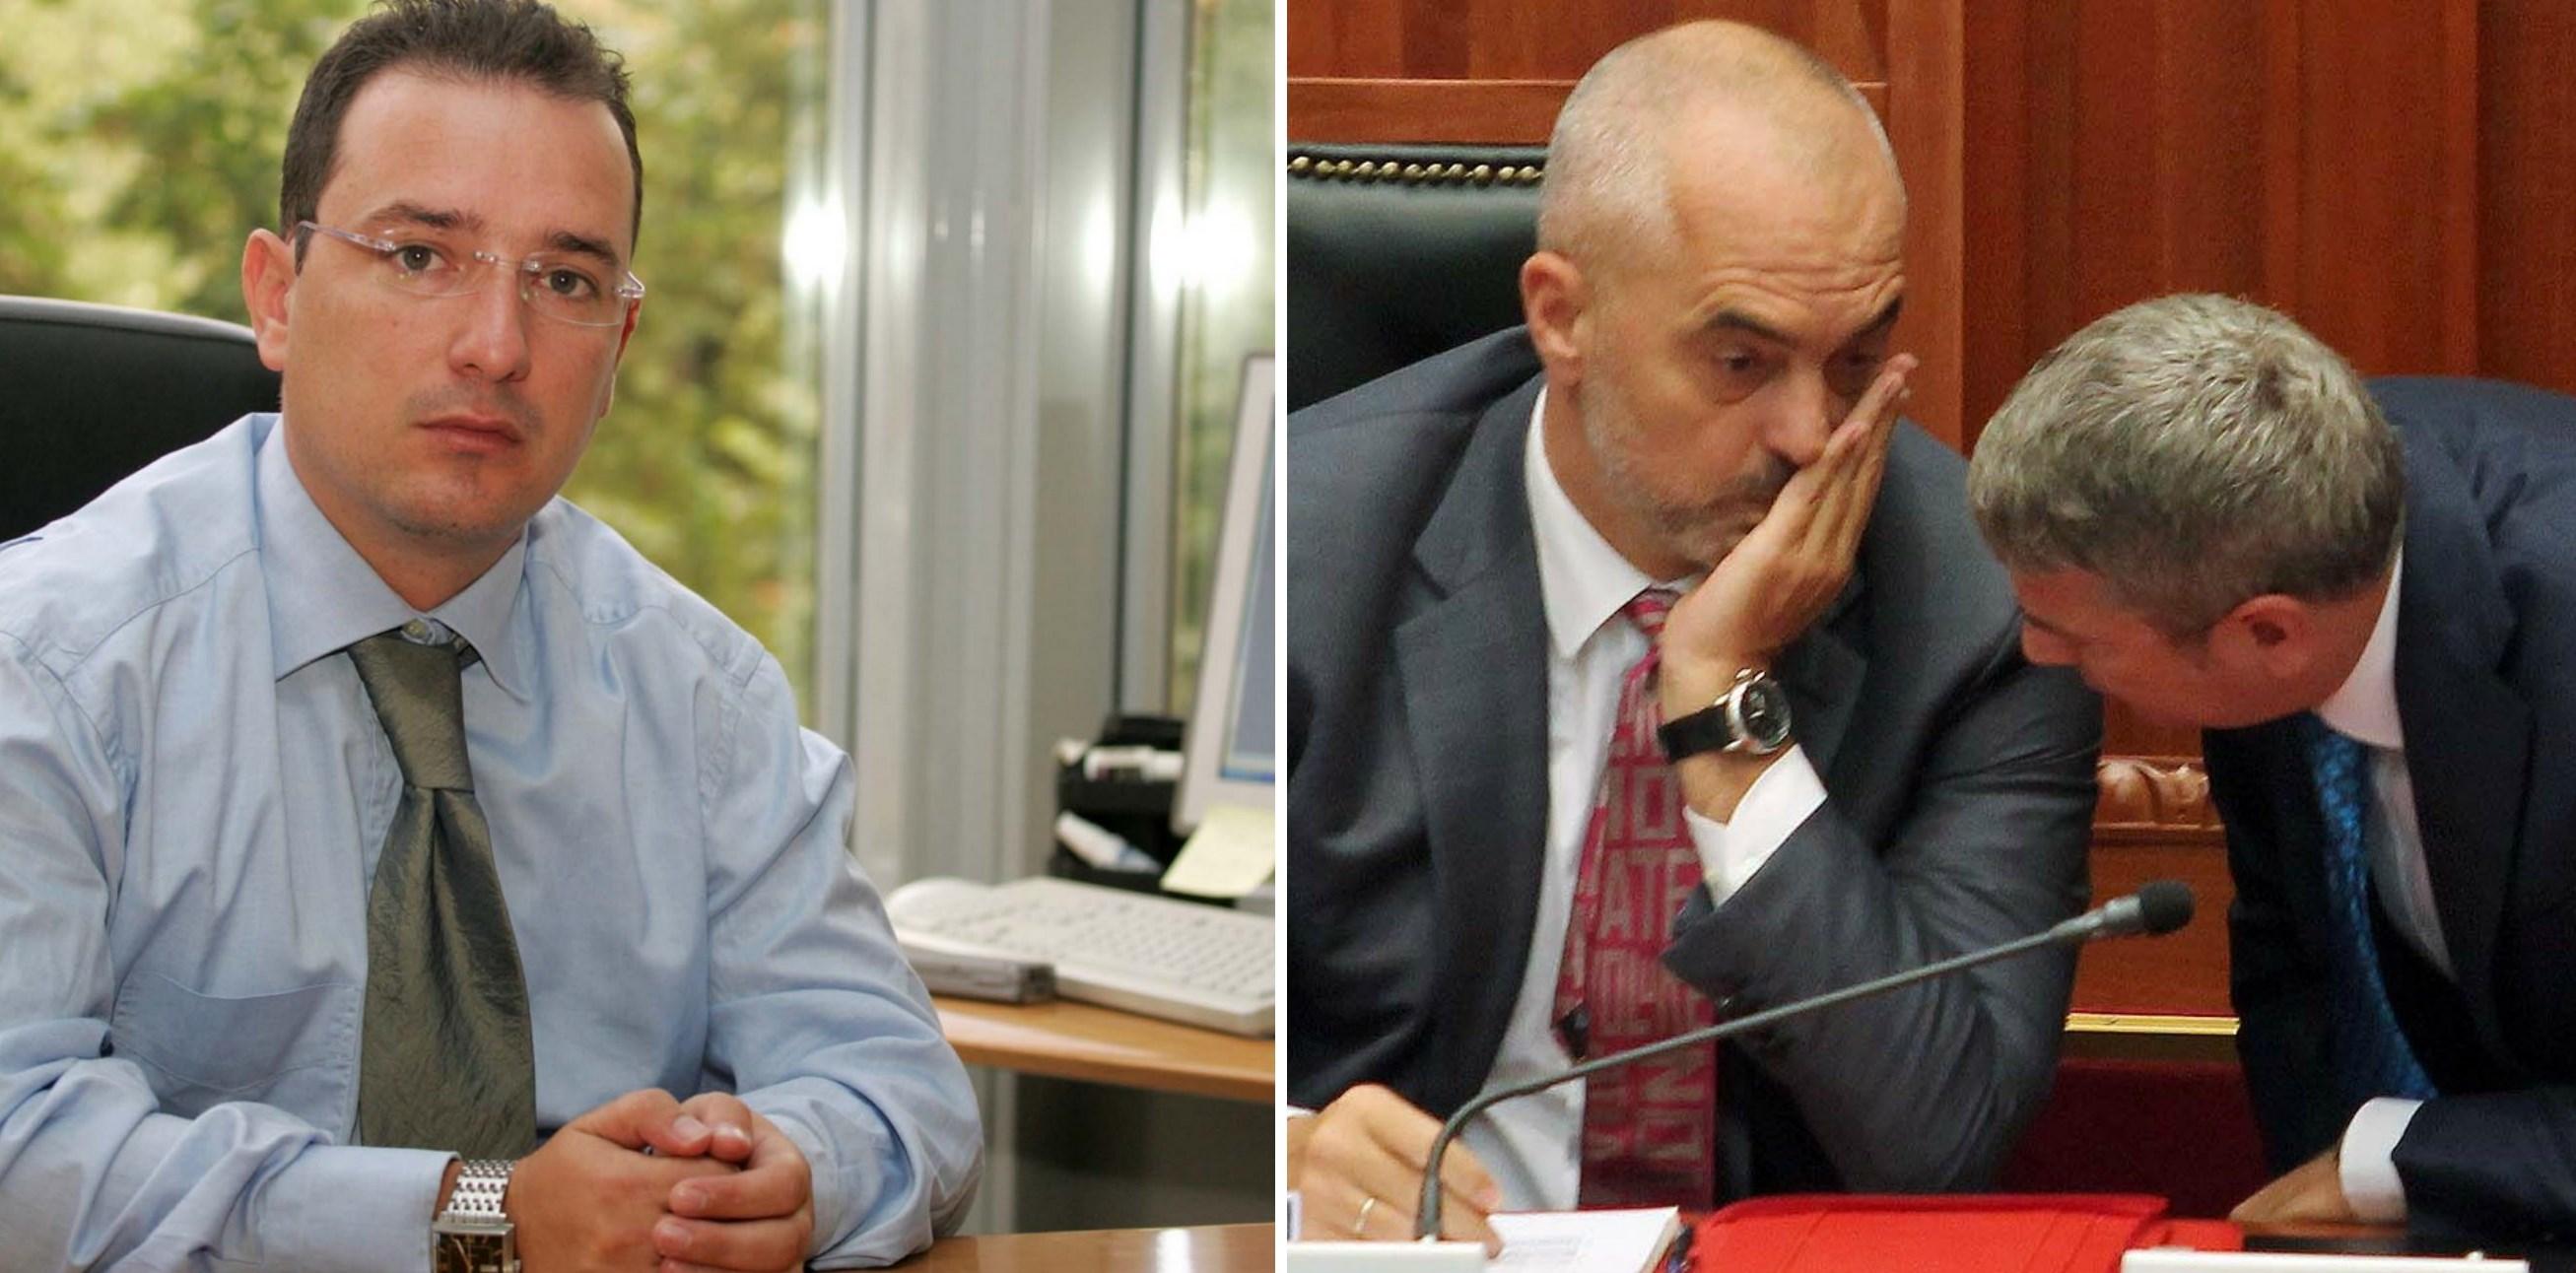 Endri Puka, Edi Rama, Damian Gjiknuri